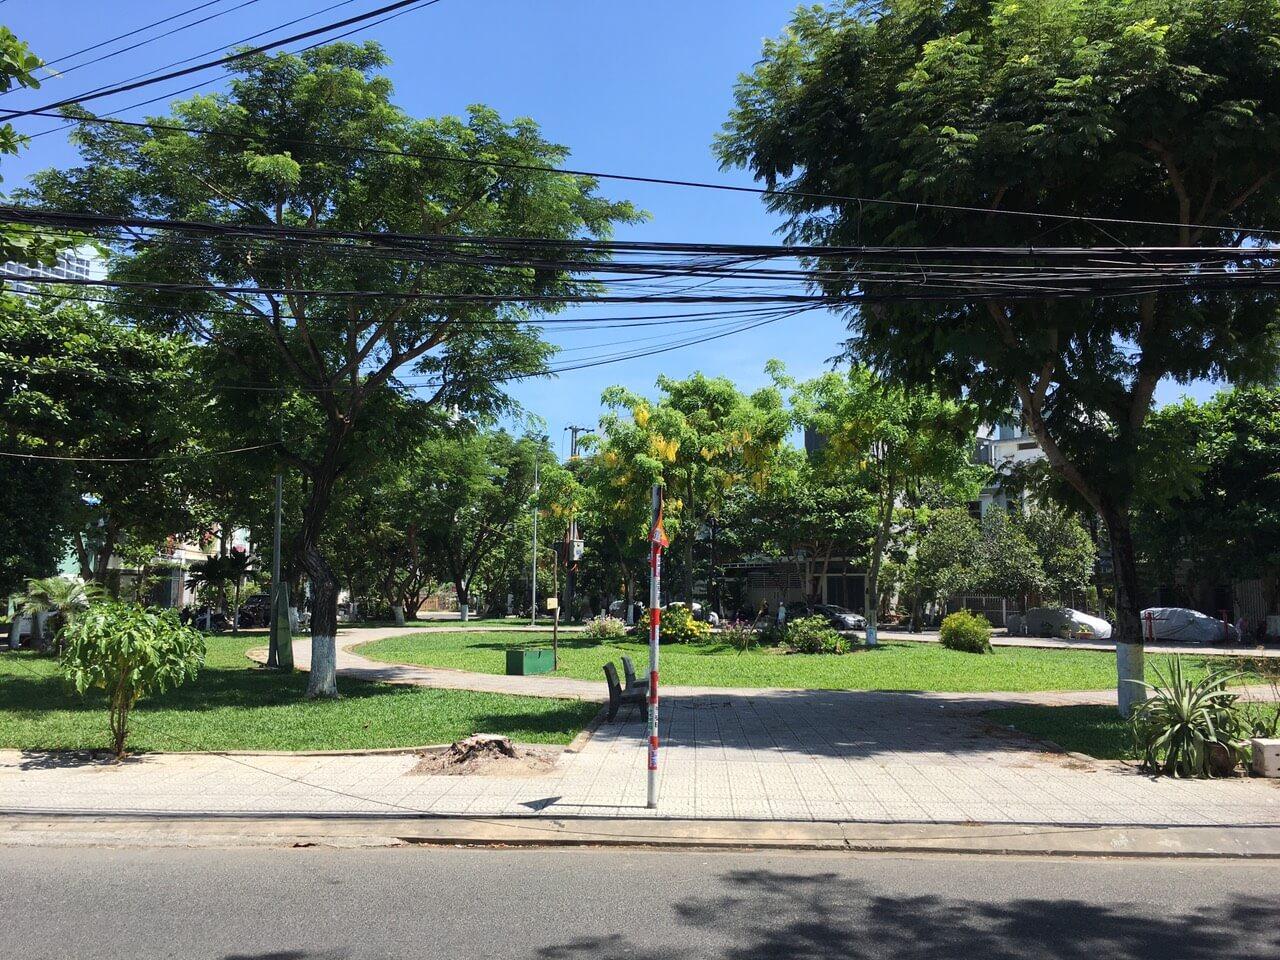 công viên gần nhà đường An Nhơn 3 - Sơn Trà - Đà Nẵng